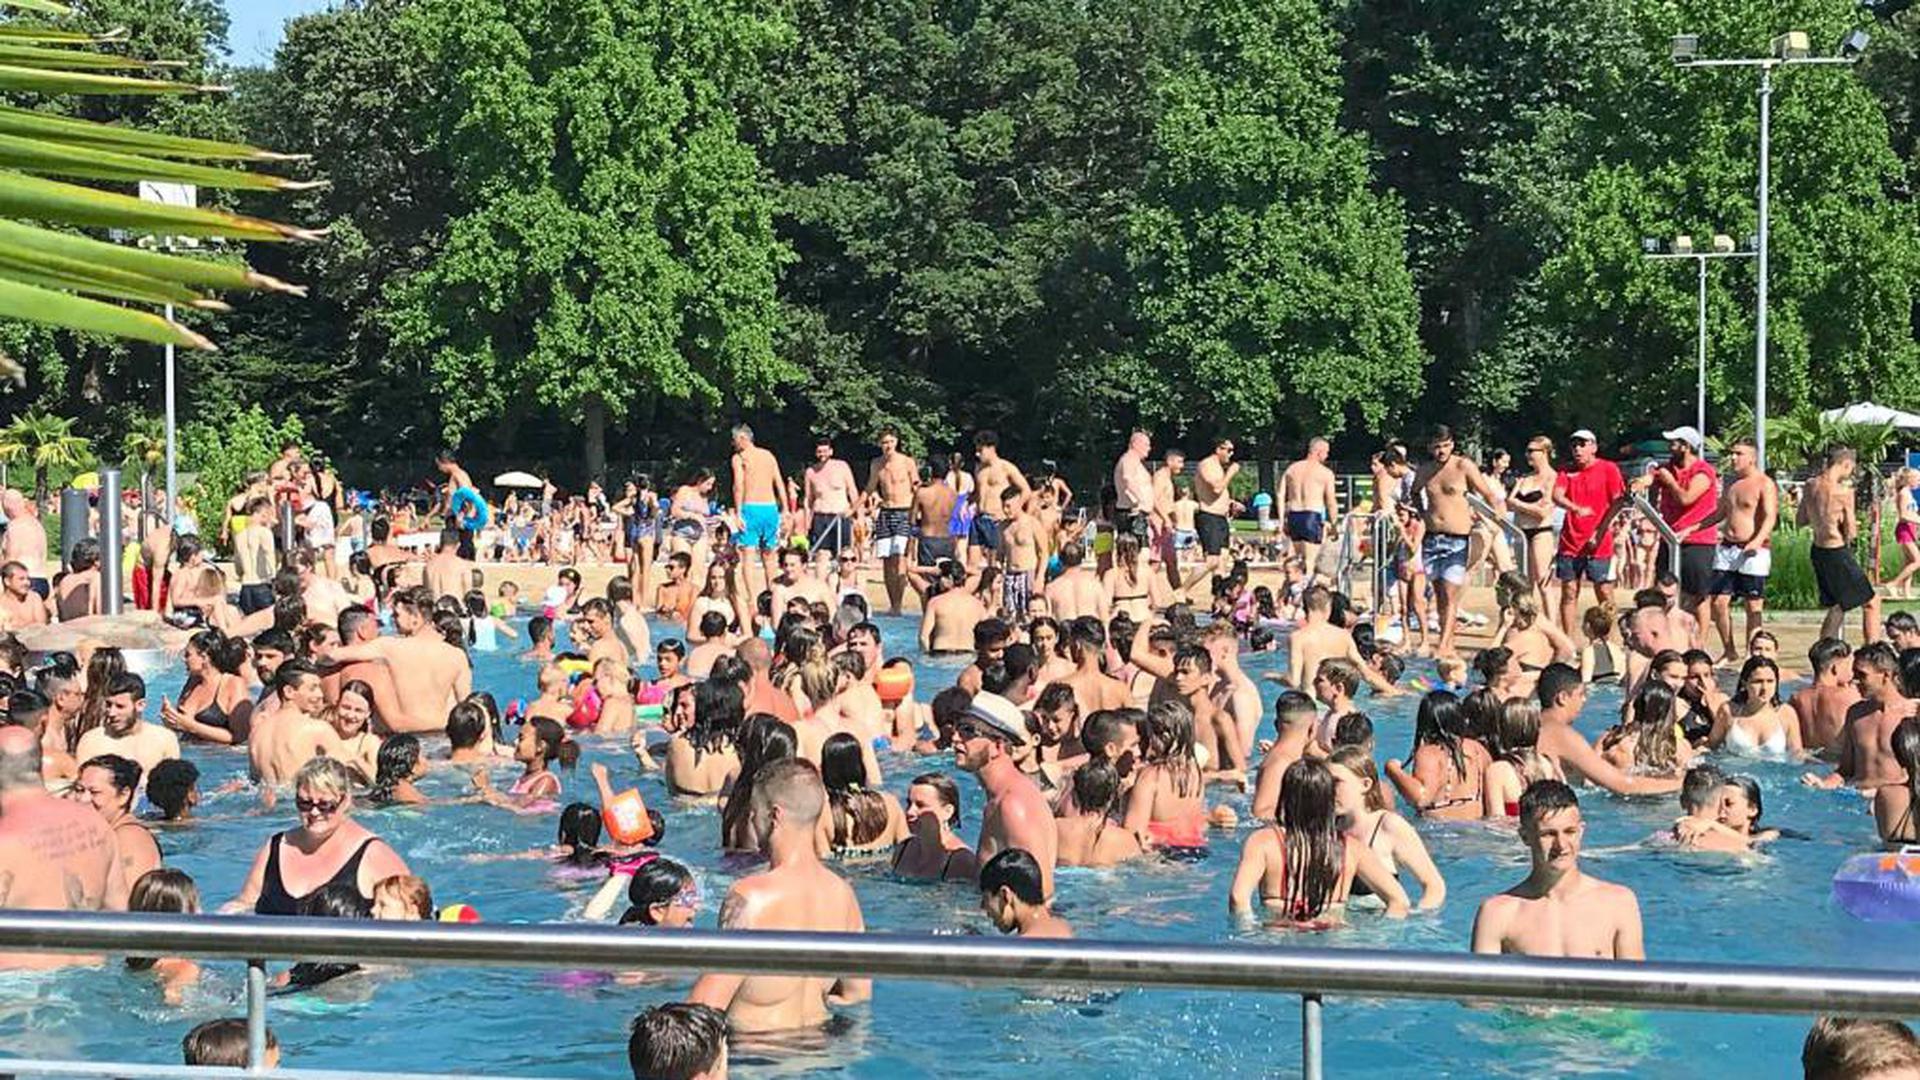 Dicht gedrängt standen die Badegäste am Sonntag im Rheinstrandbad Rappenwört wie hier im Wellenbecken. Rund 12.000 Badegäste zählte die Stadt an diesem glutheißen Tag. In allen Bereichen gerieten das Bad und seine Mitarbeiter an den Anschlag. Auch die anderen Bäder in der Stadt registrierten hohe Besucherzahlen.